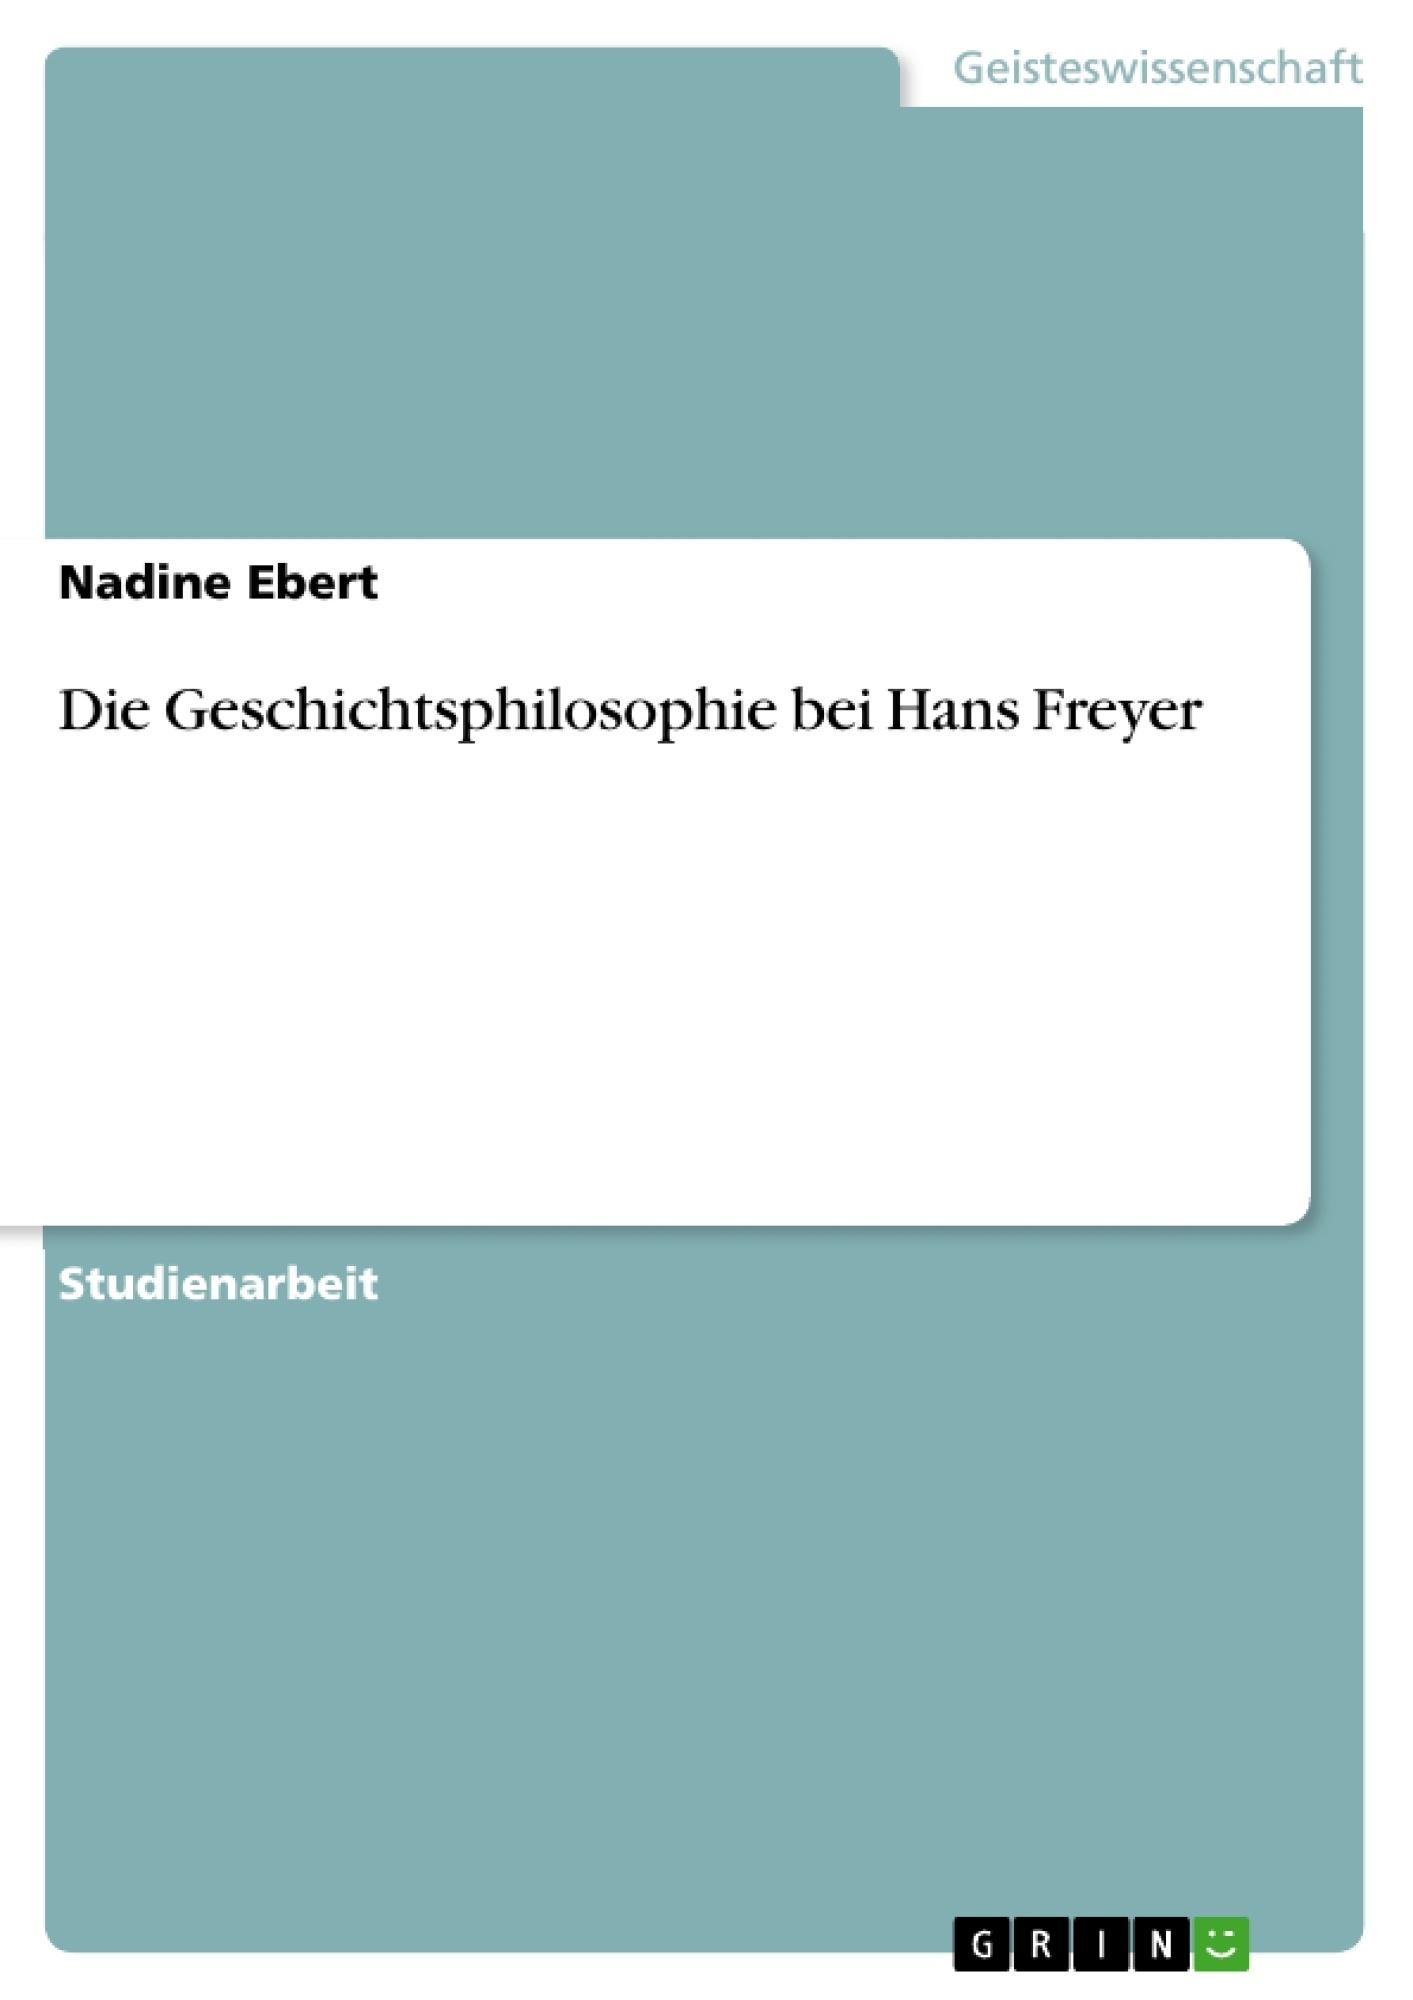 Titel: Die Geschichtsphilosophie bei Hans Freyer